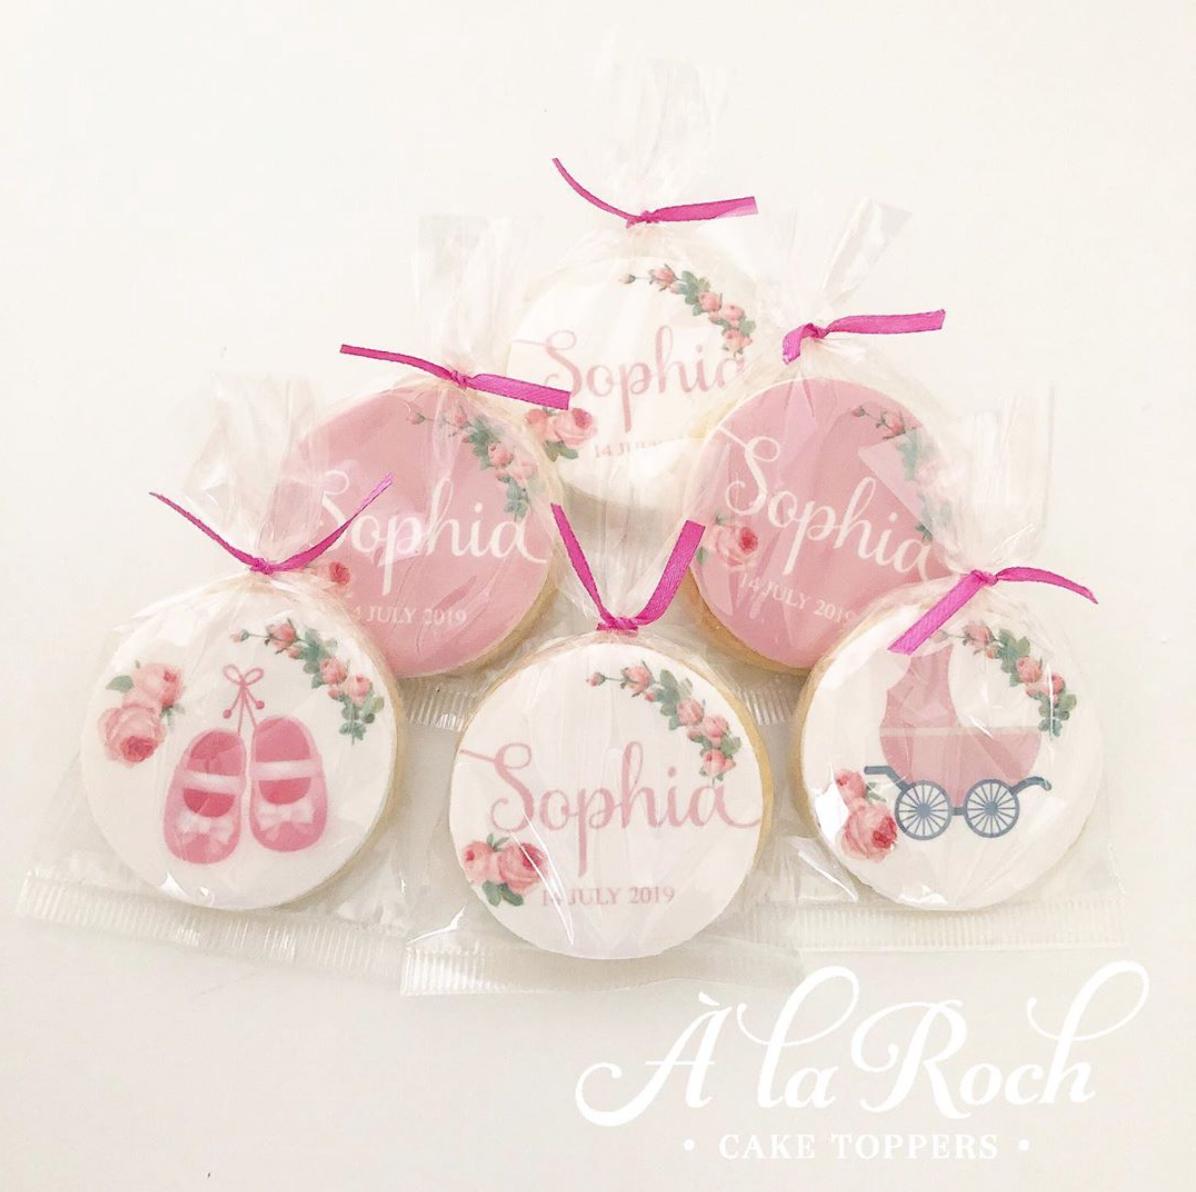 Baby Shower Edible Image Sugar Cookies